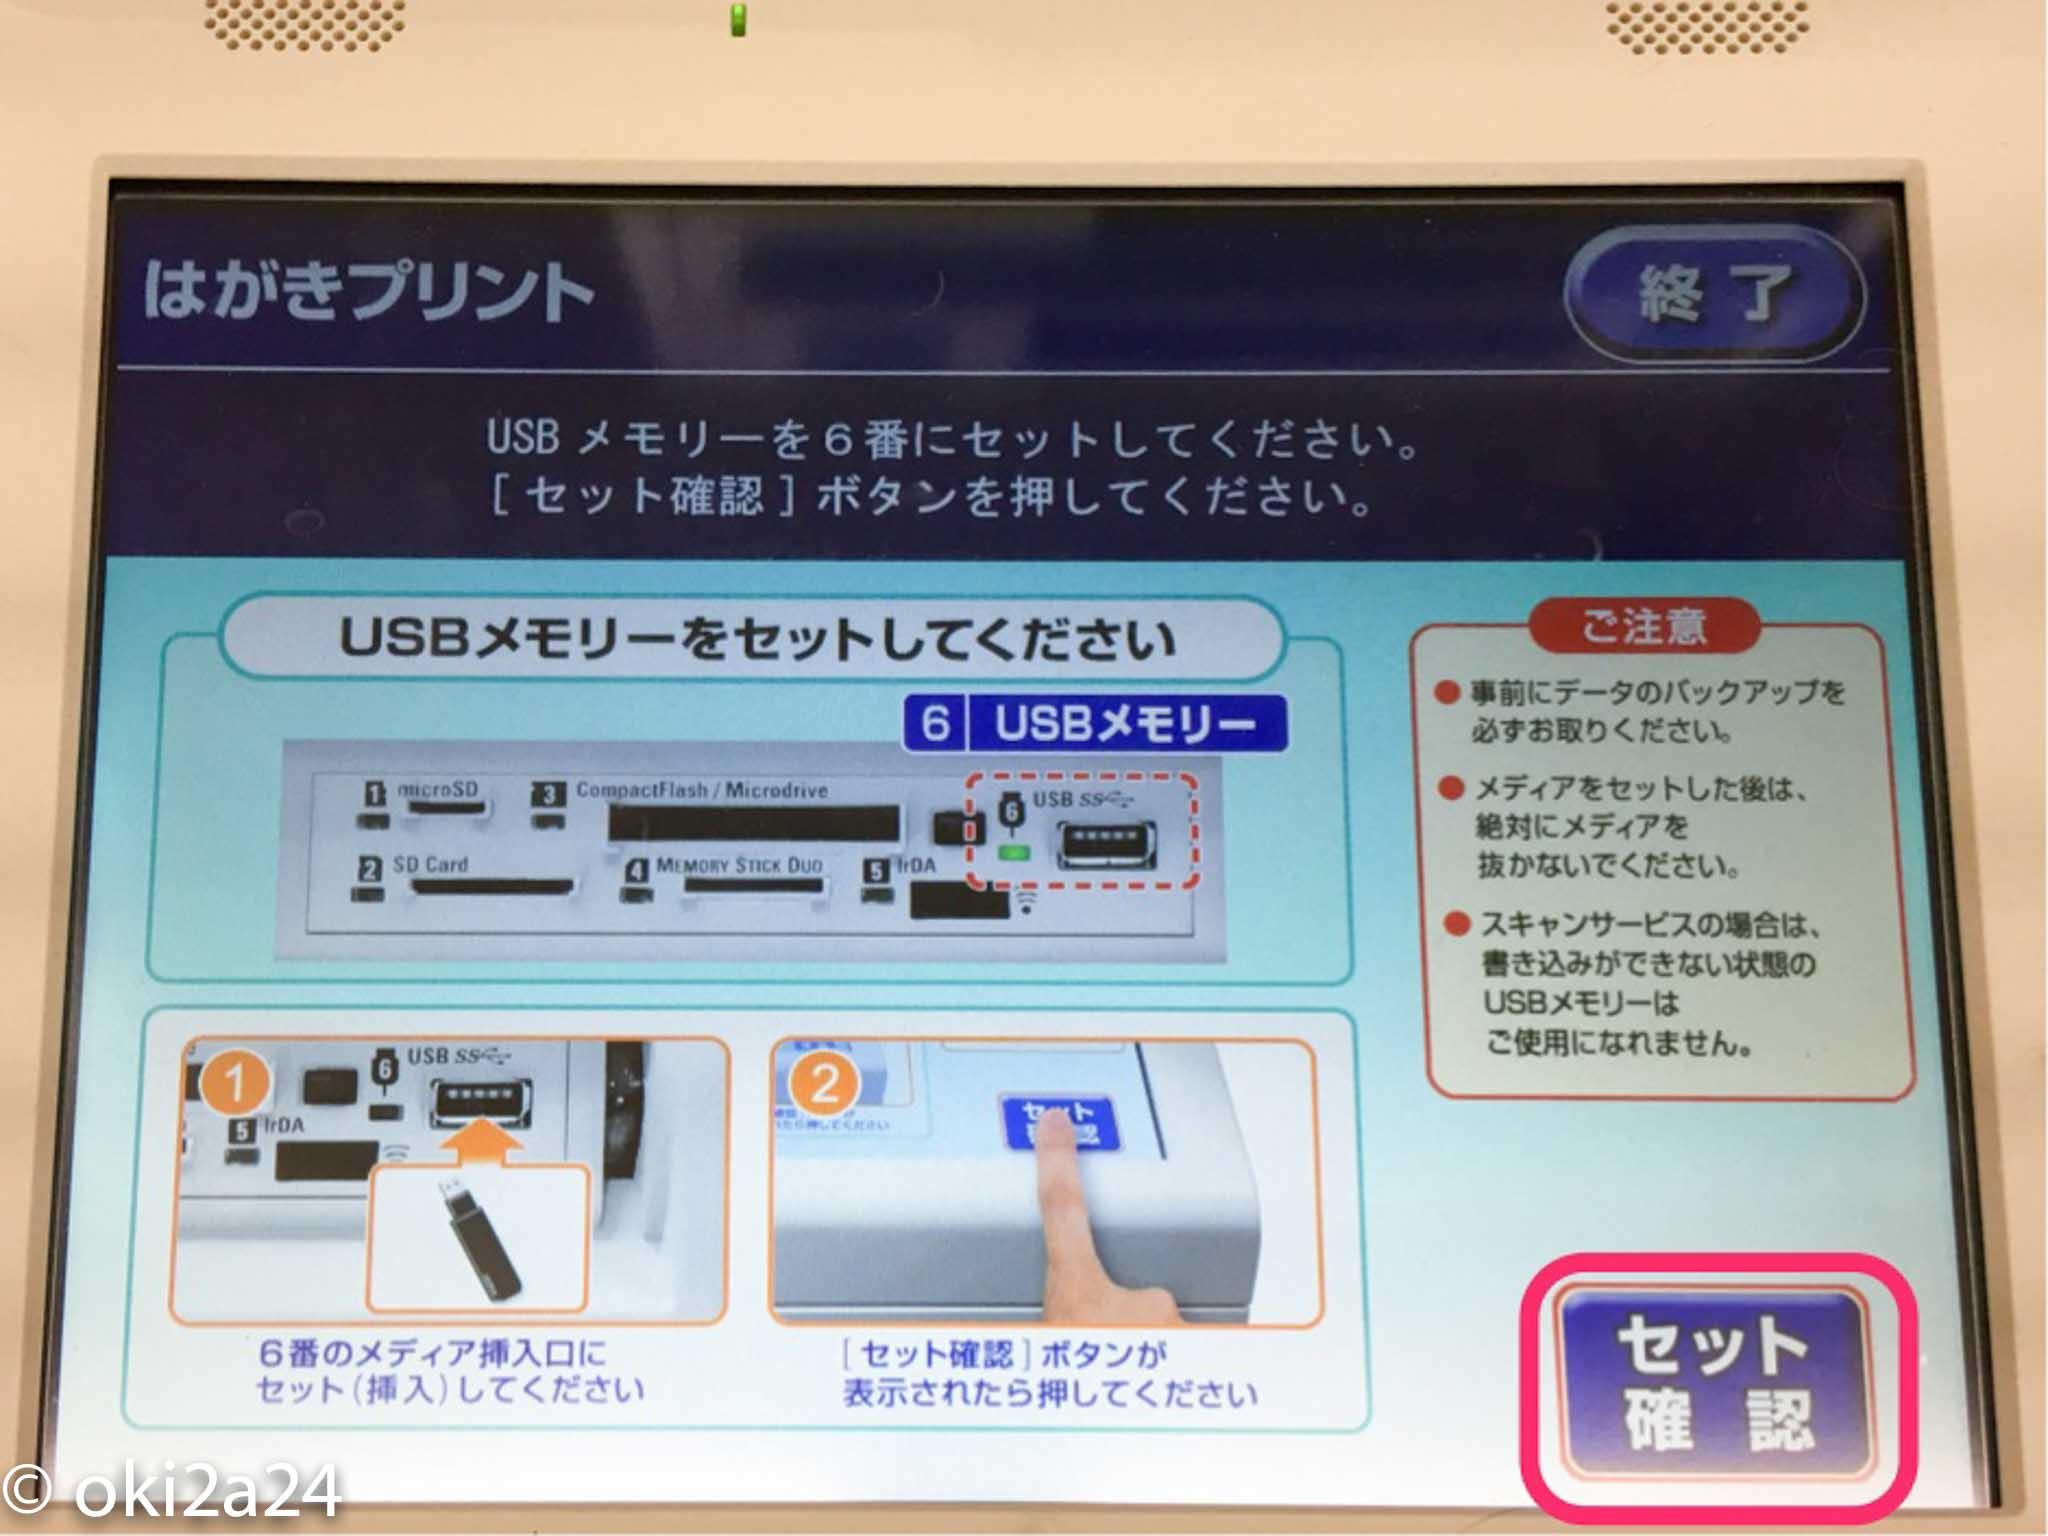 USBメモリーを6番にセットし、[セット確認]